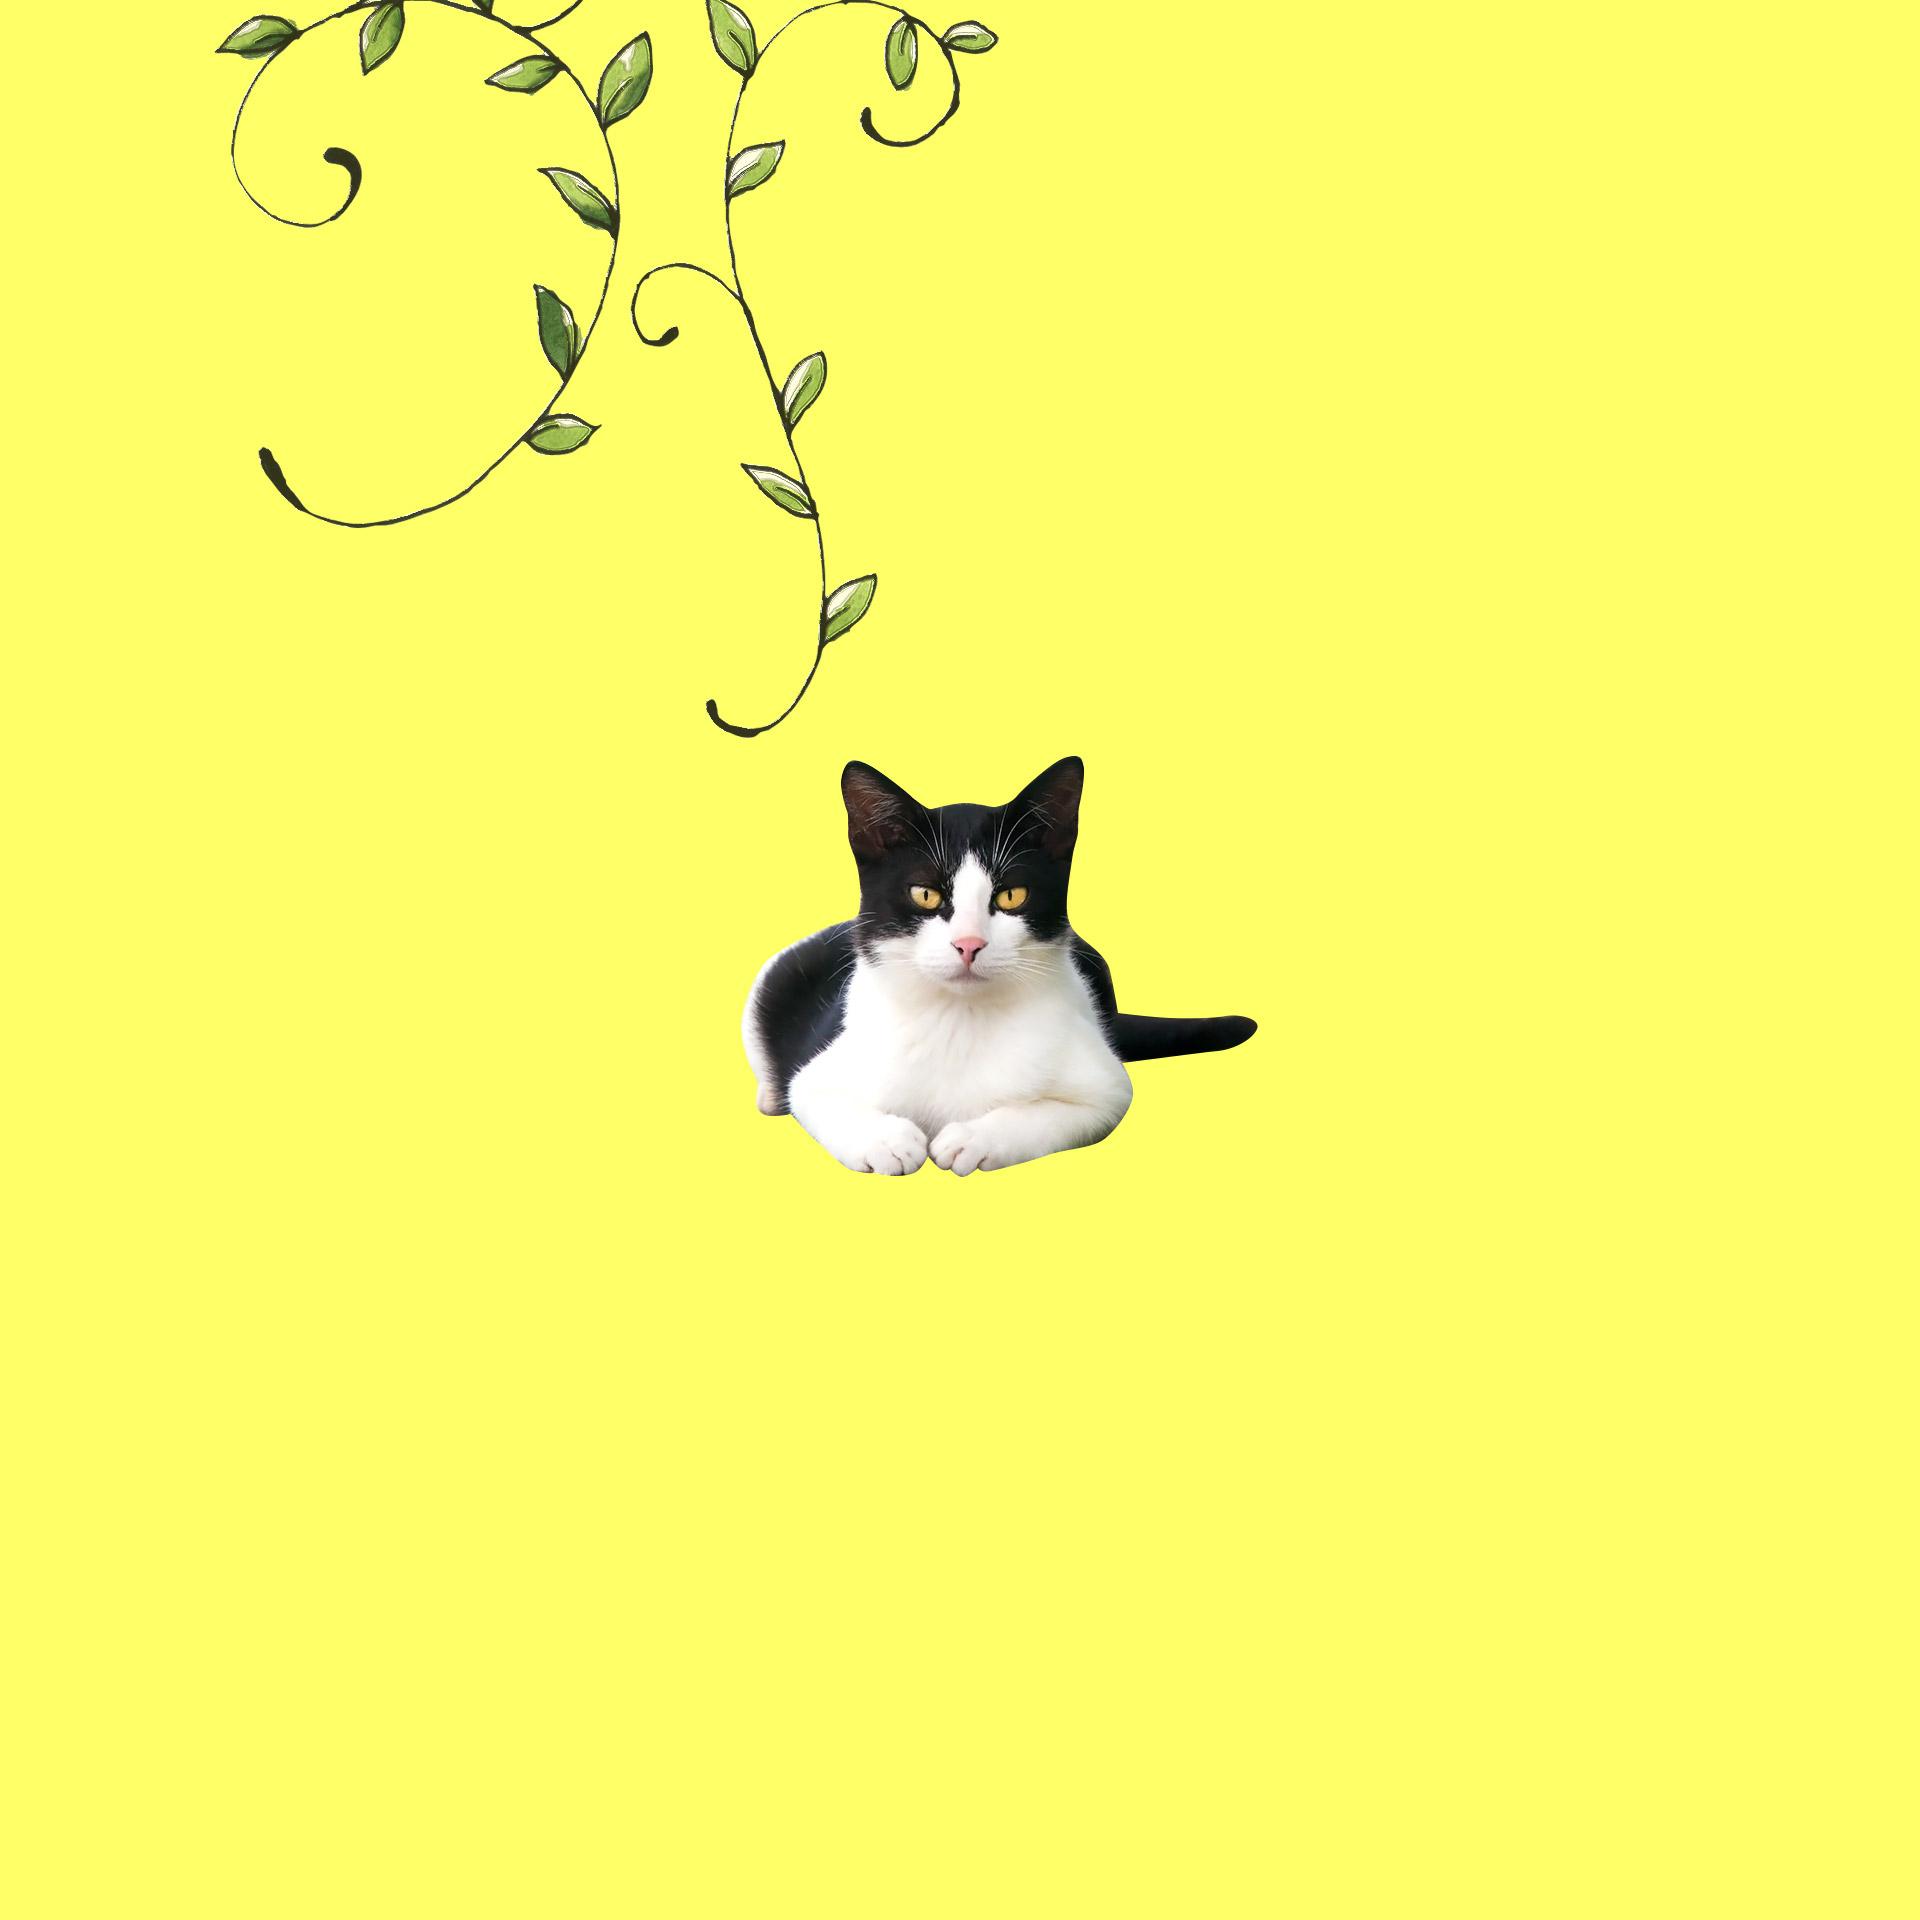 スマホ用 壁紙プレゼント 猫ねこネット 世界ねこ旅や 猫情報